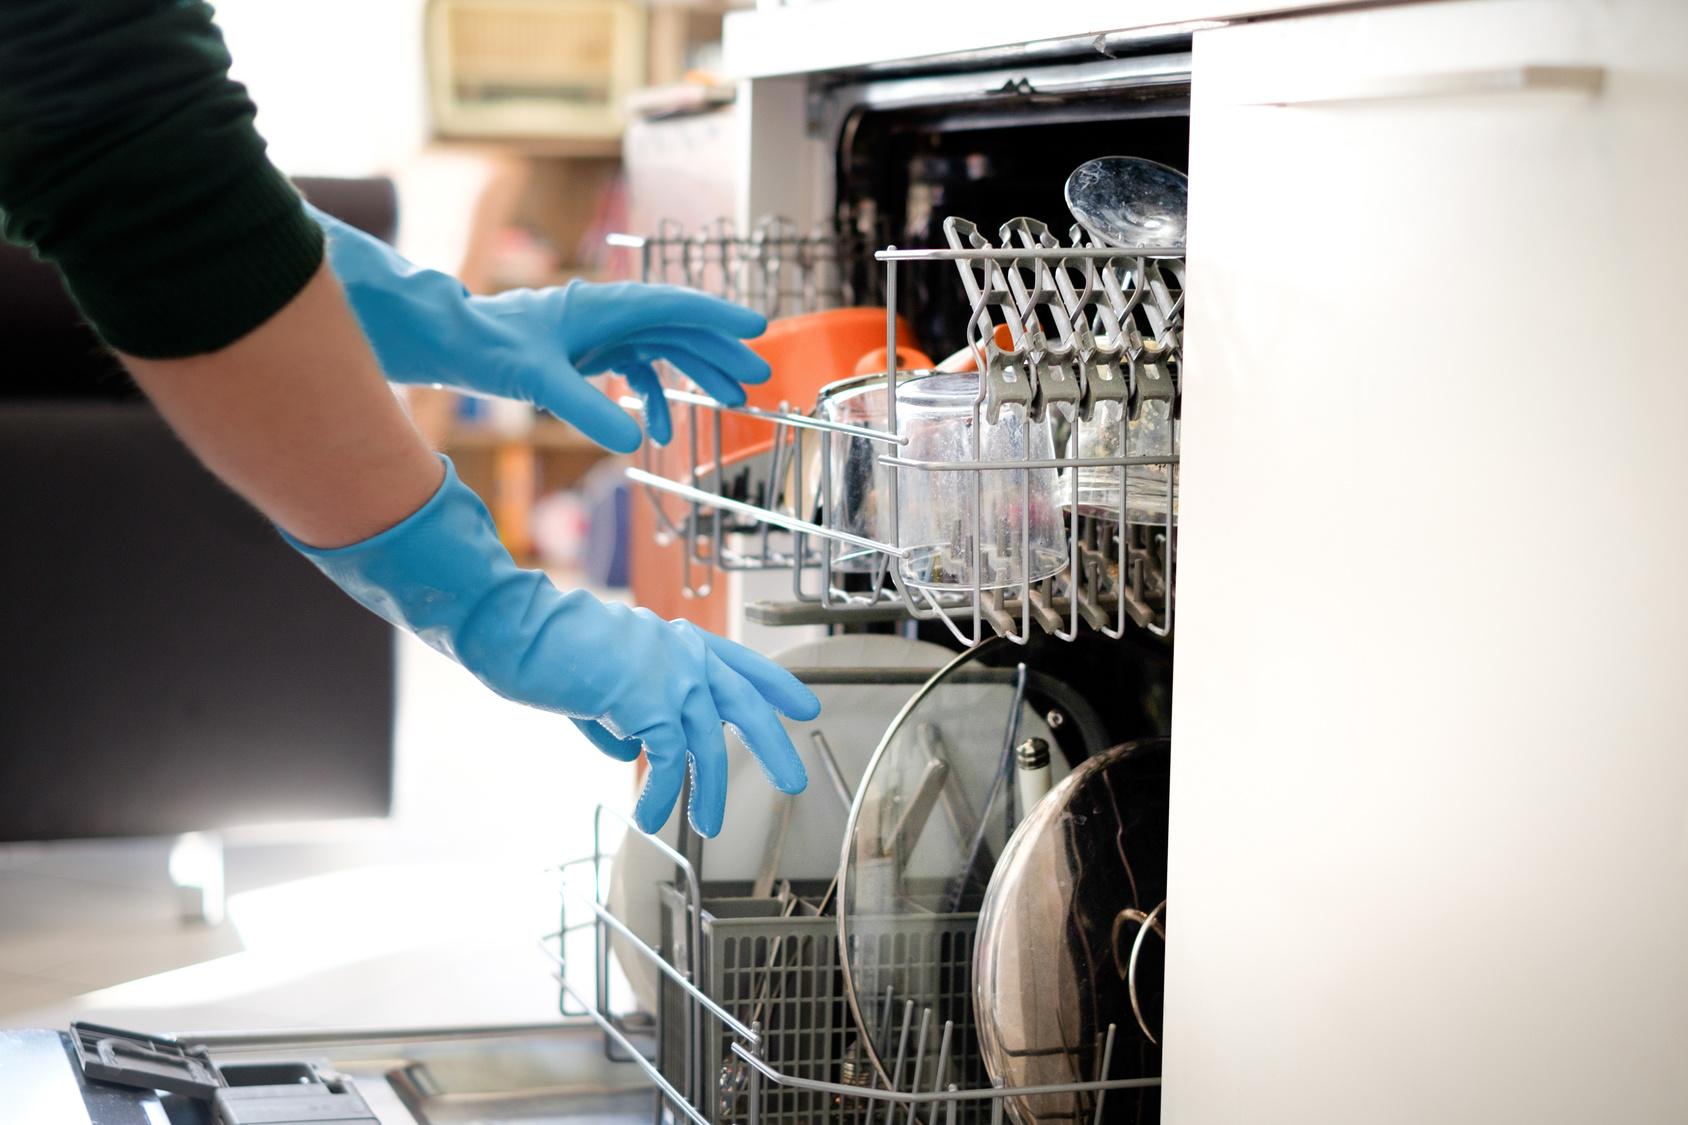 Asciugatrice Migliore Marca 2017 lavastoviglie: siemens e bosch tra le migliori secondo